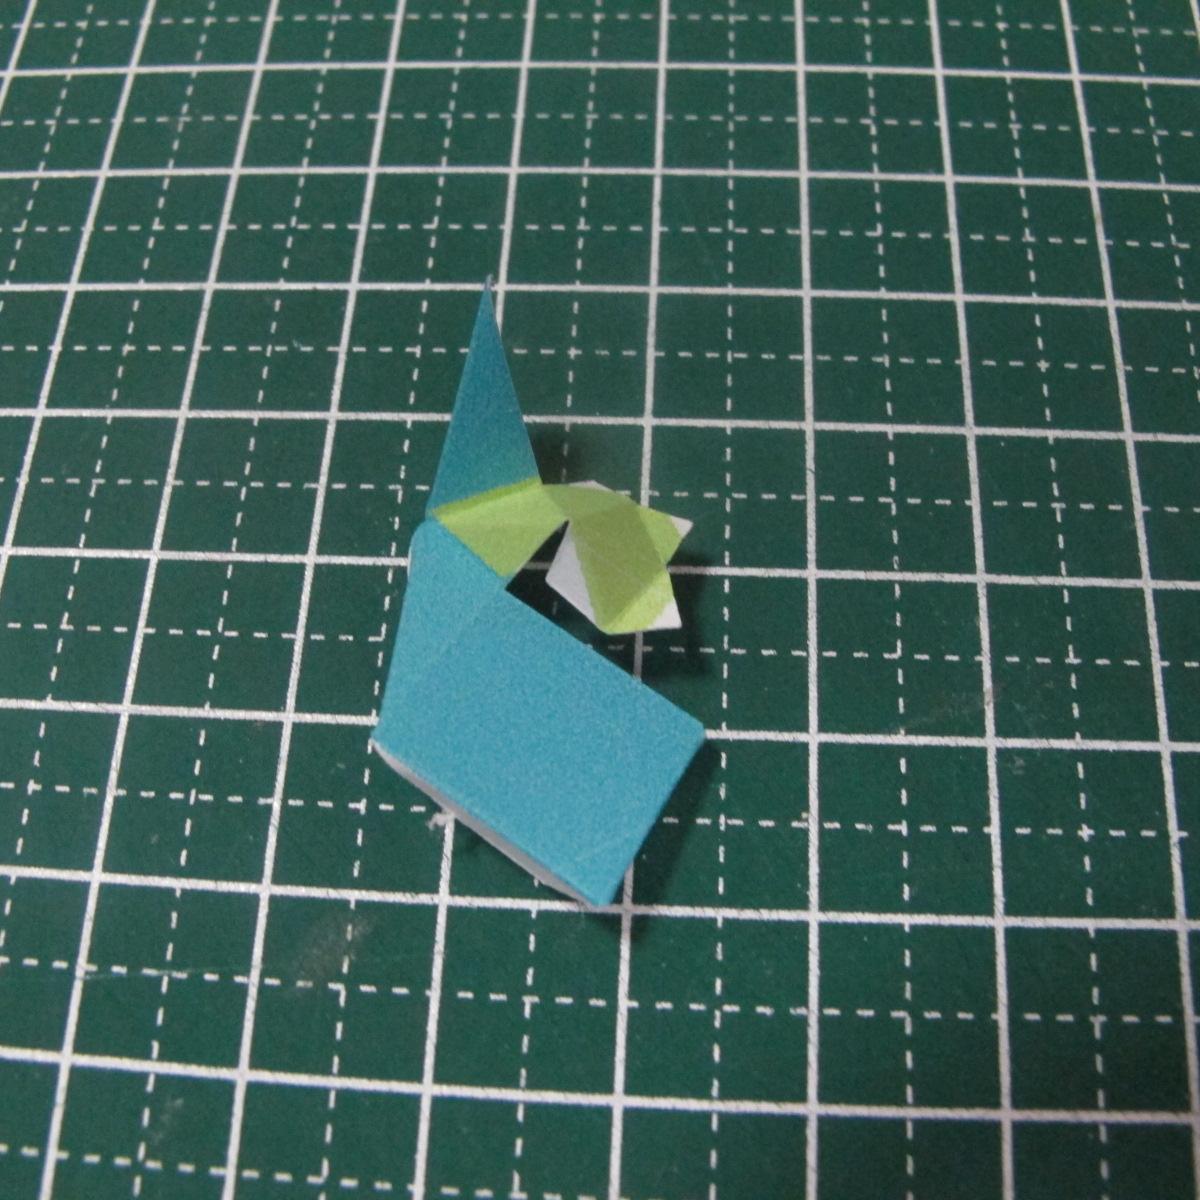 วิธีทำของเล่นโมเดลกระดาษรูปนก (Bird Paper craft ) 008